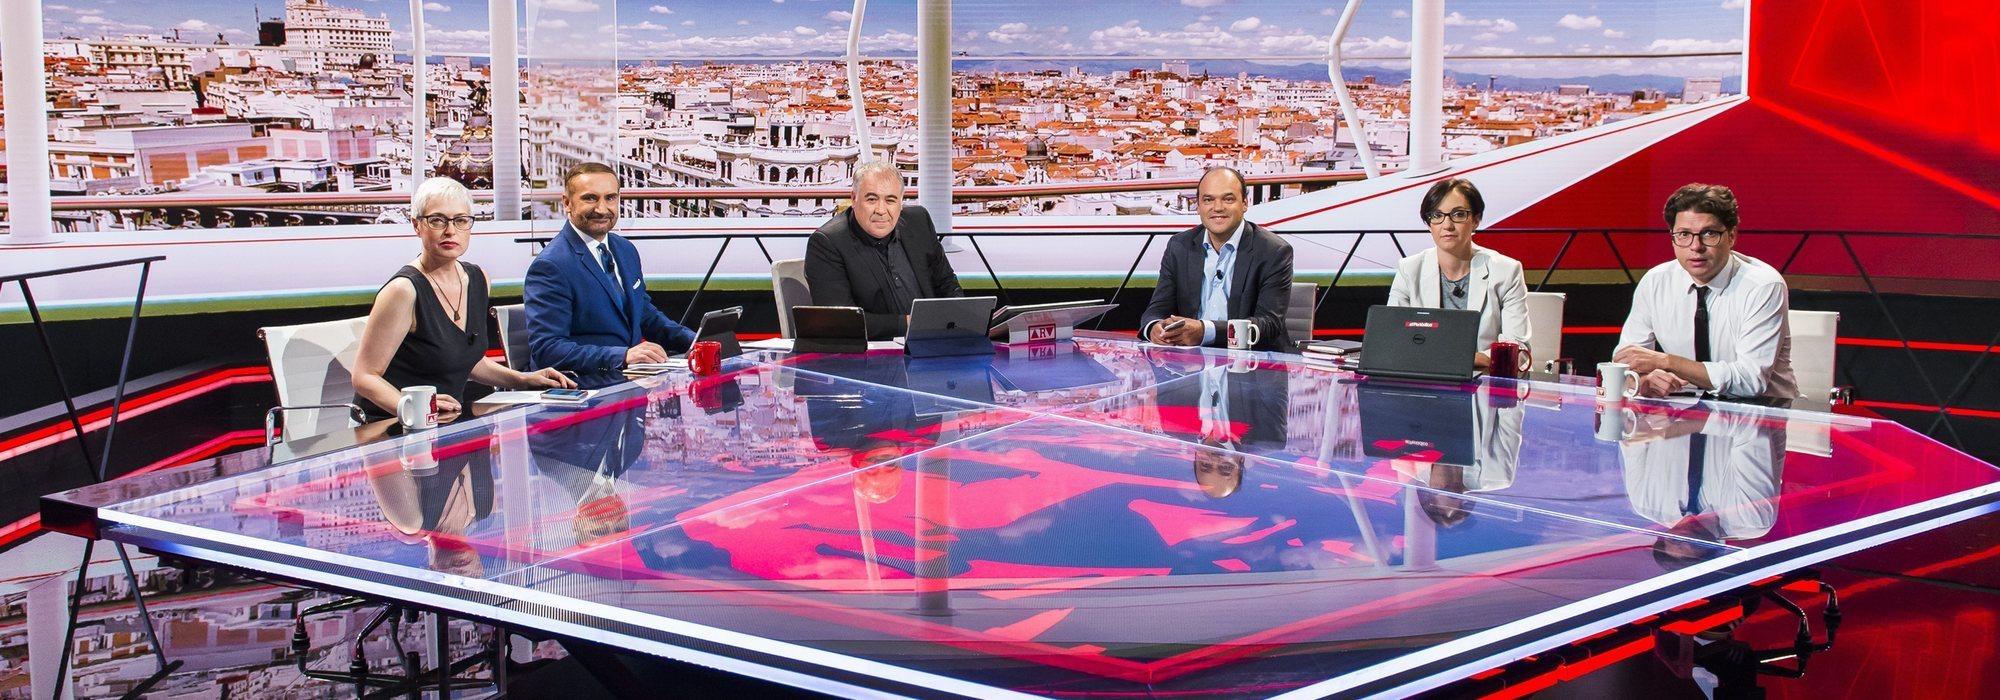 Ferreras, el rey de las mañanas: Claves del éxito de 'Al rojo vivo' y sus datos de audiencia que no conocías